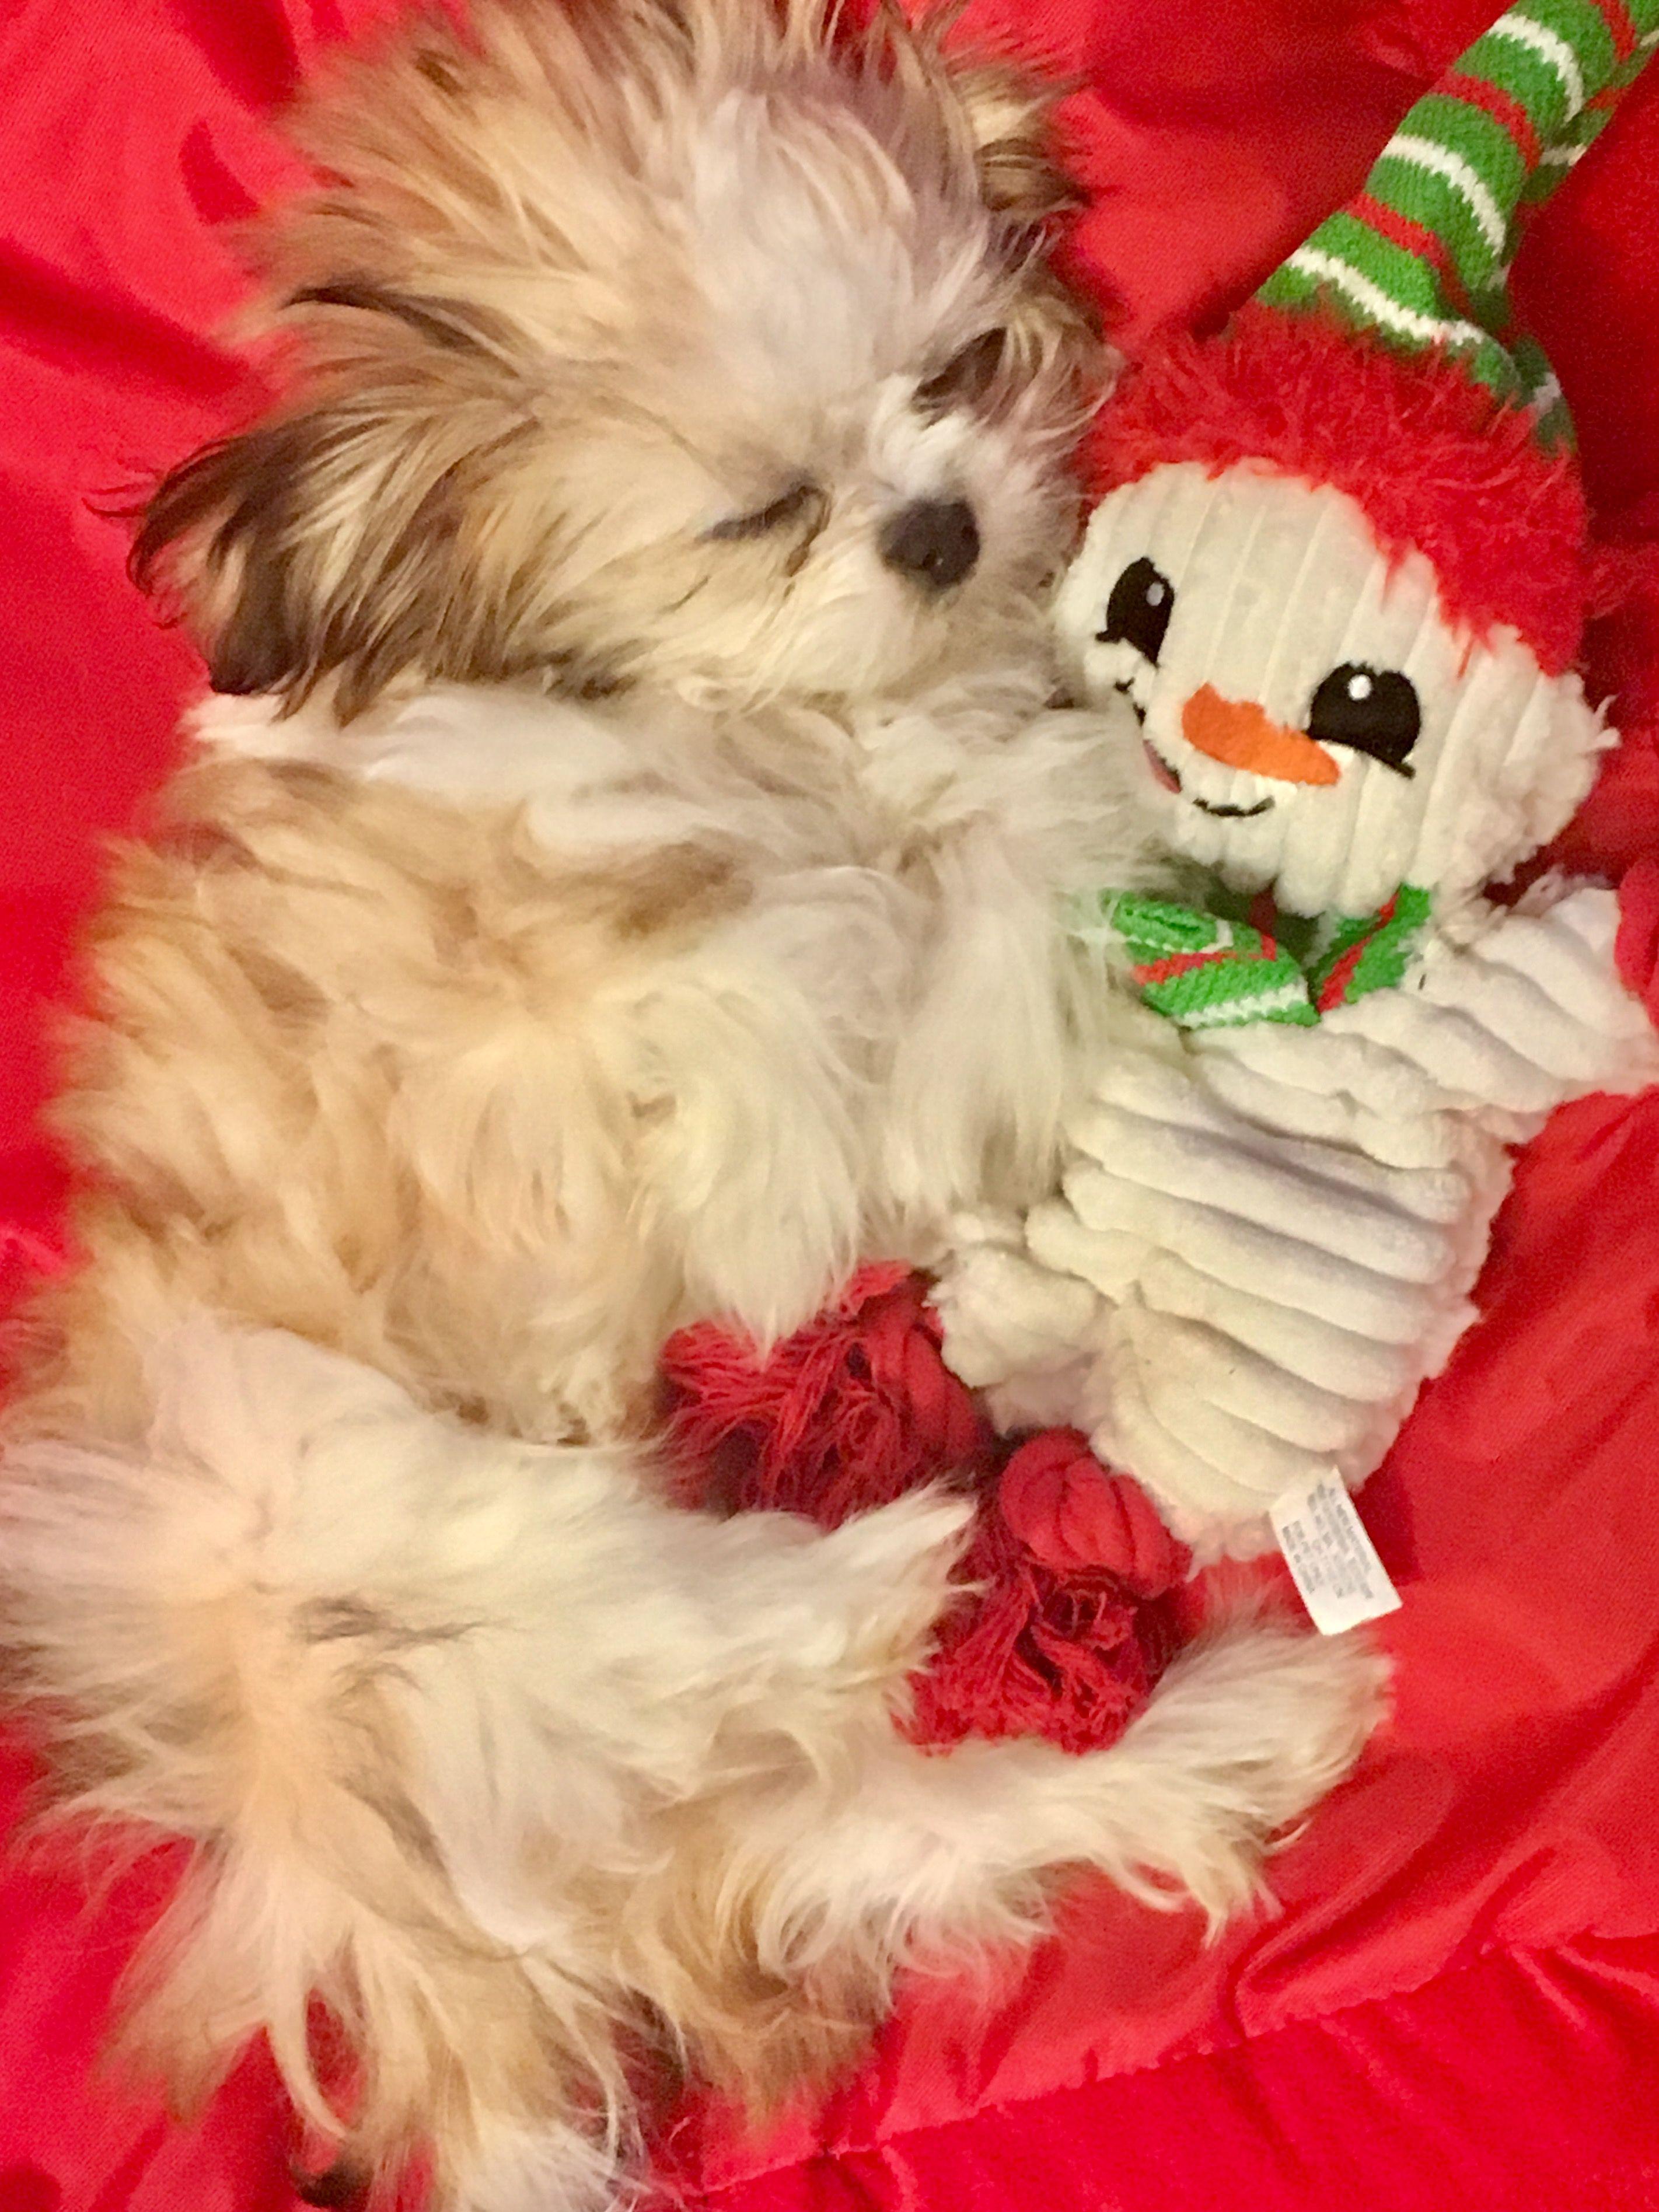 Pin By Paula Nolan On Sleeping Puppies Shih Tzu Cute Dogs Cute